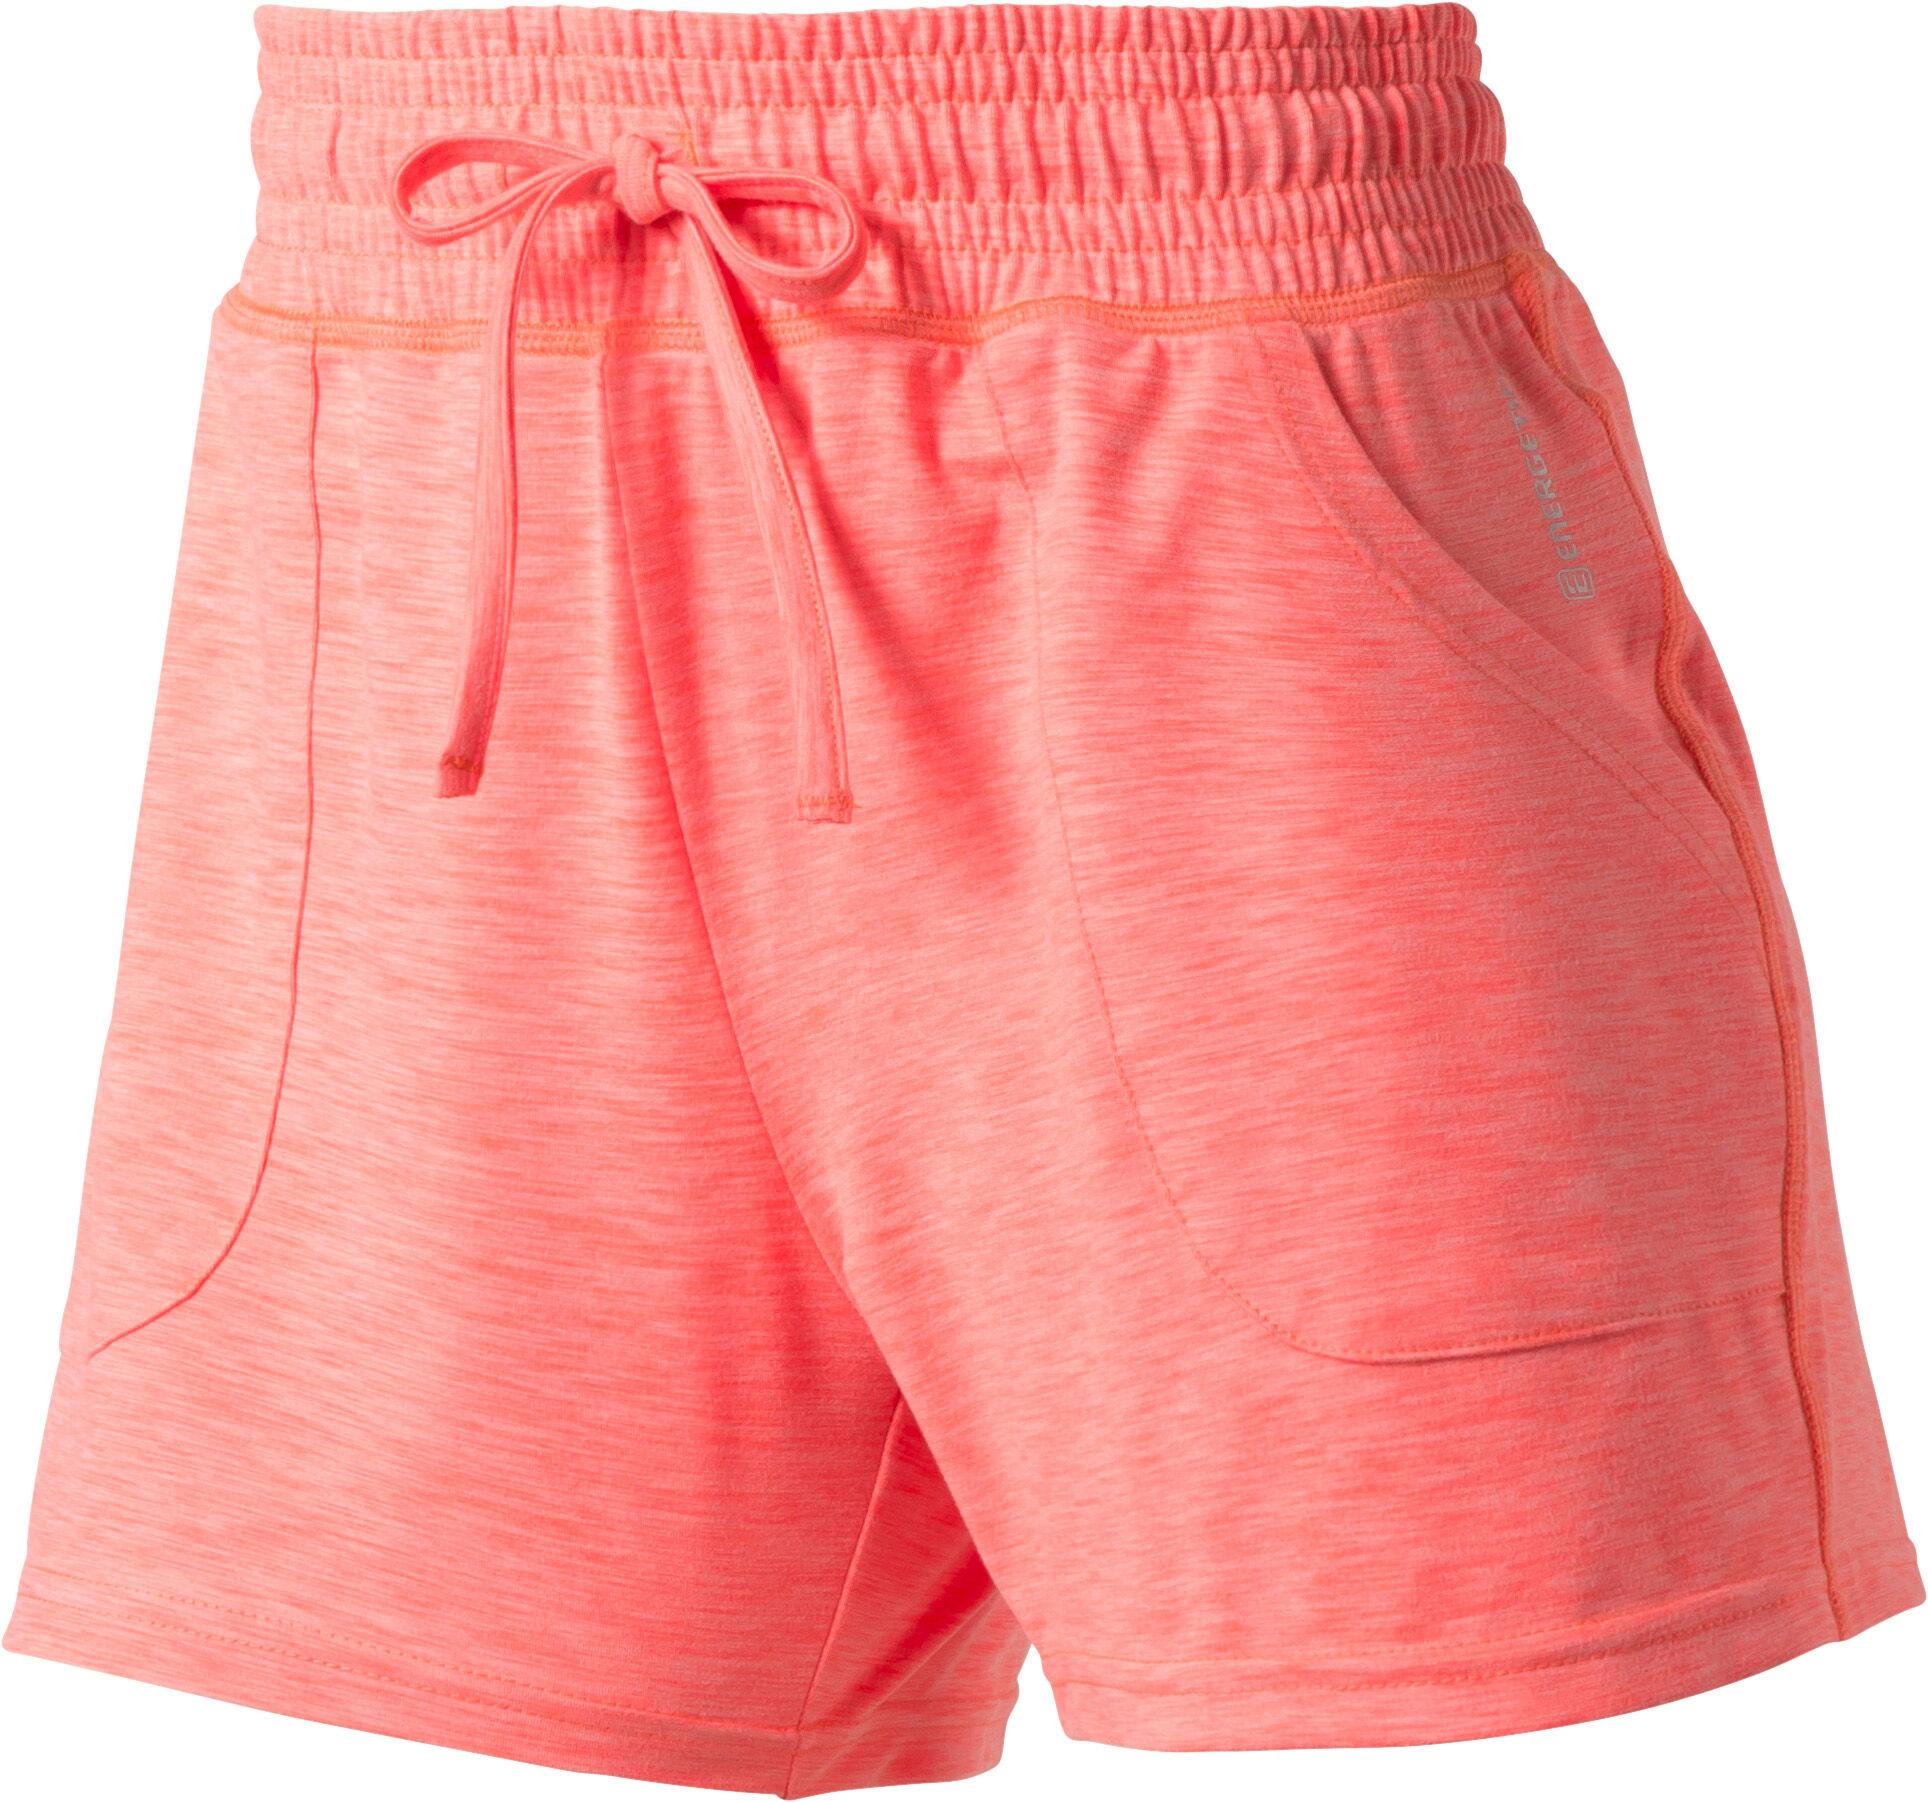 Besondere Adidas Rosa Schwimmen Kurze Hose, Adidas